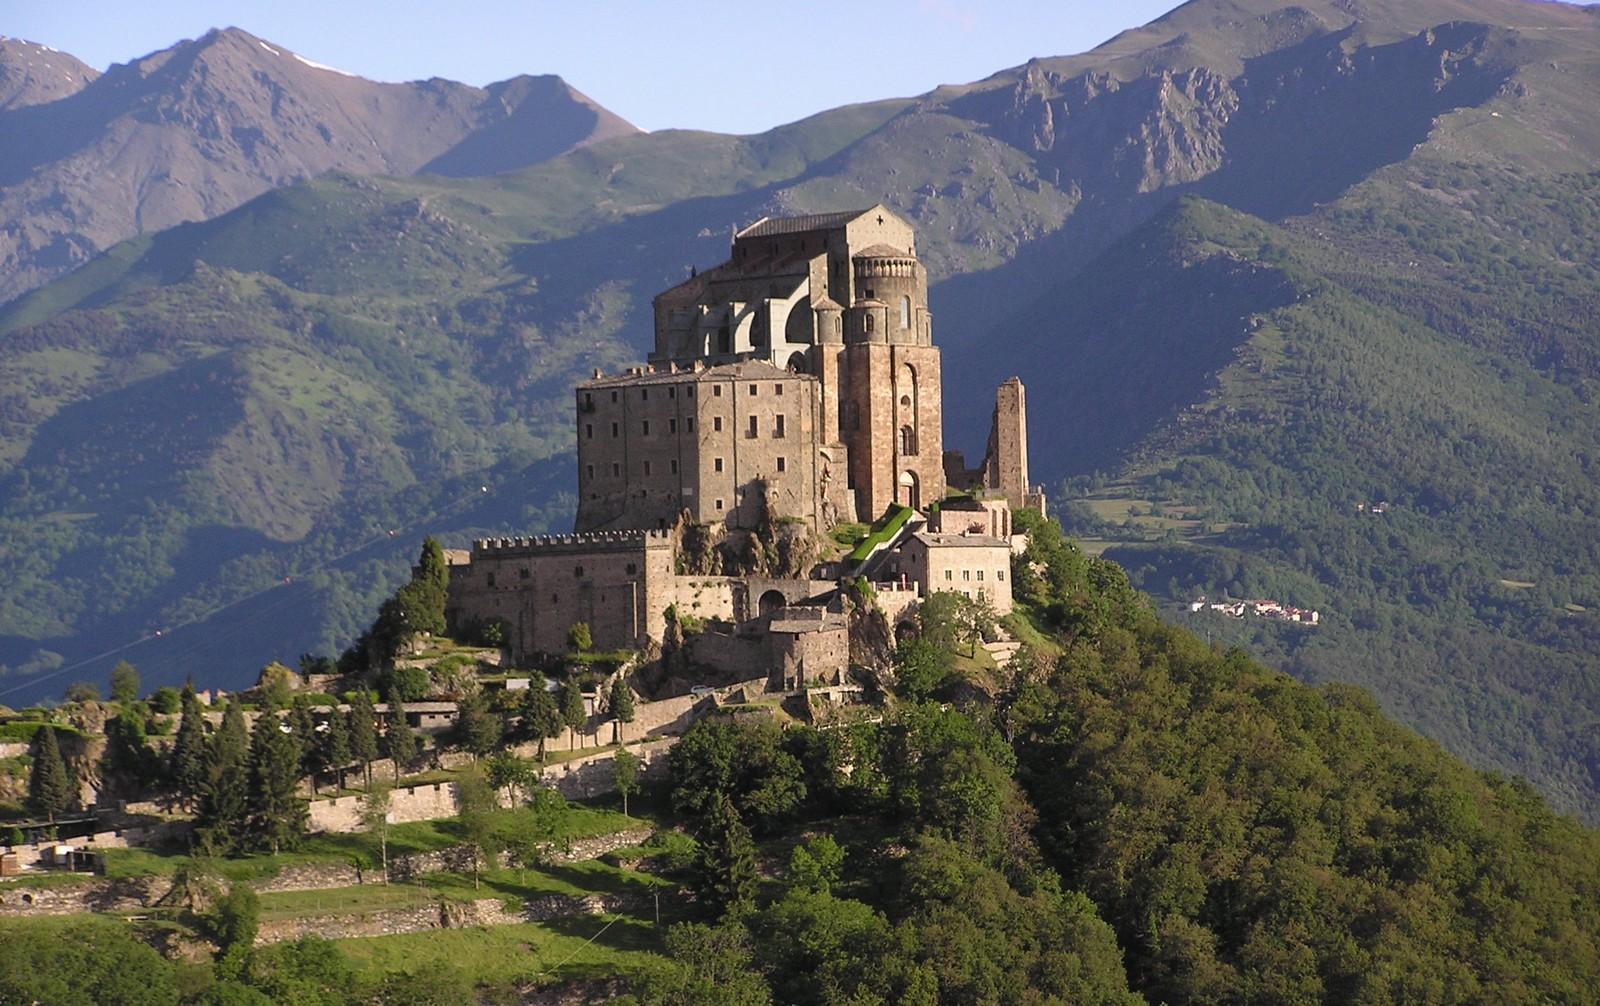 Las Más Famosas: Apariciones de San Miguel Arcángel en Gargano, Italia (29 de septiembre, 8 de mayo)